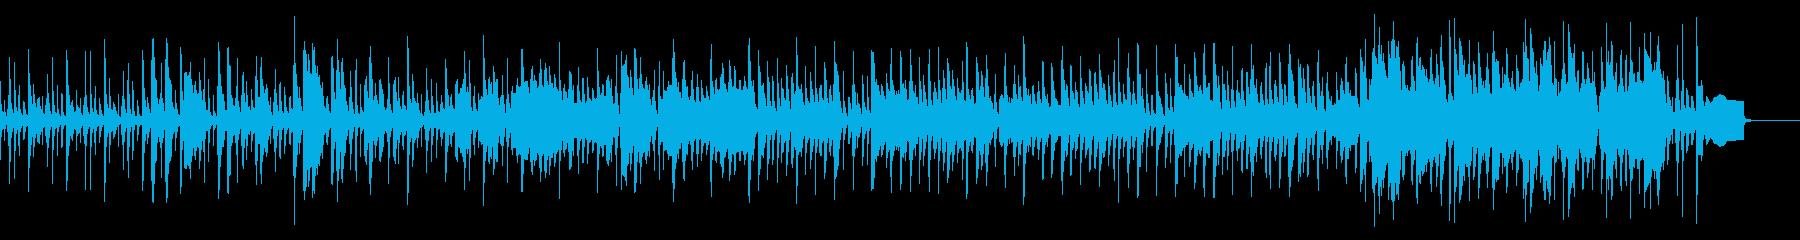 ほのぼのとした明るいギター伴奏の曲の再生済みの波形